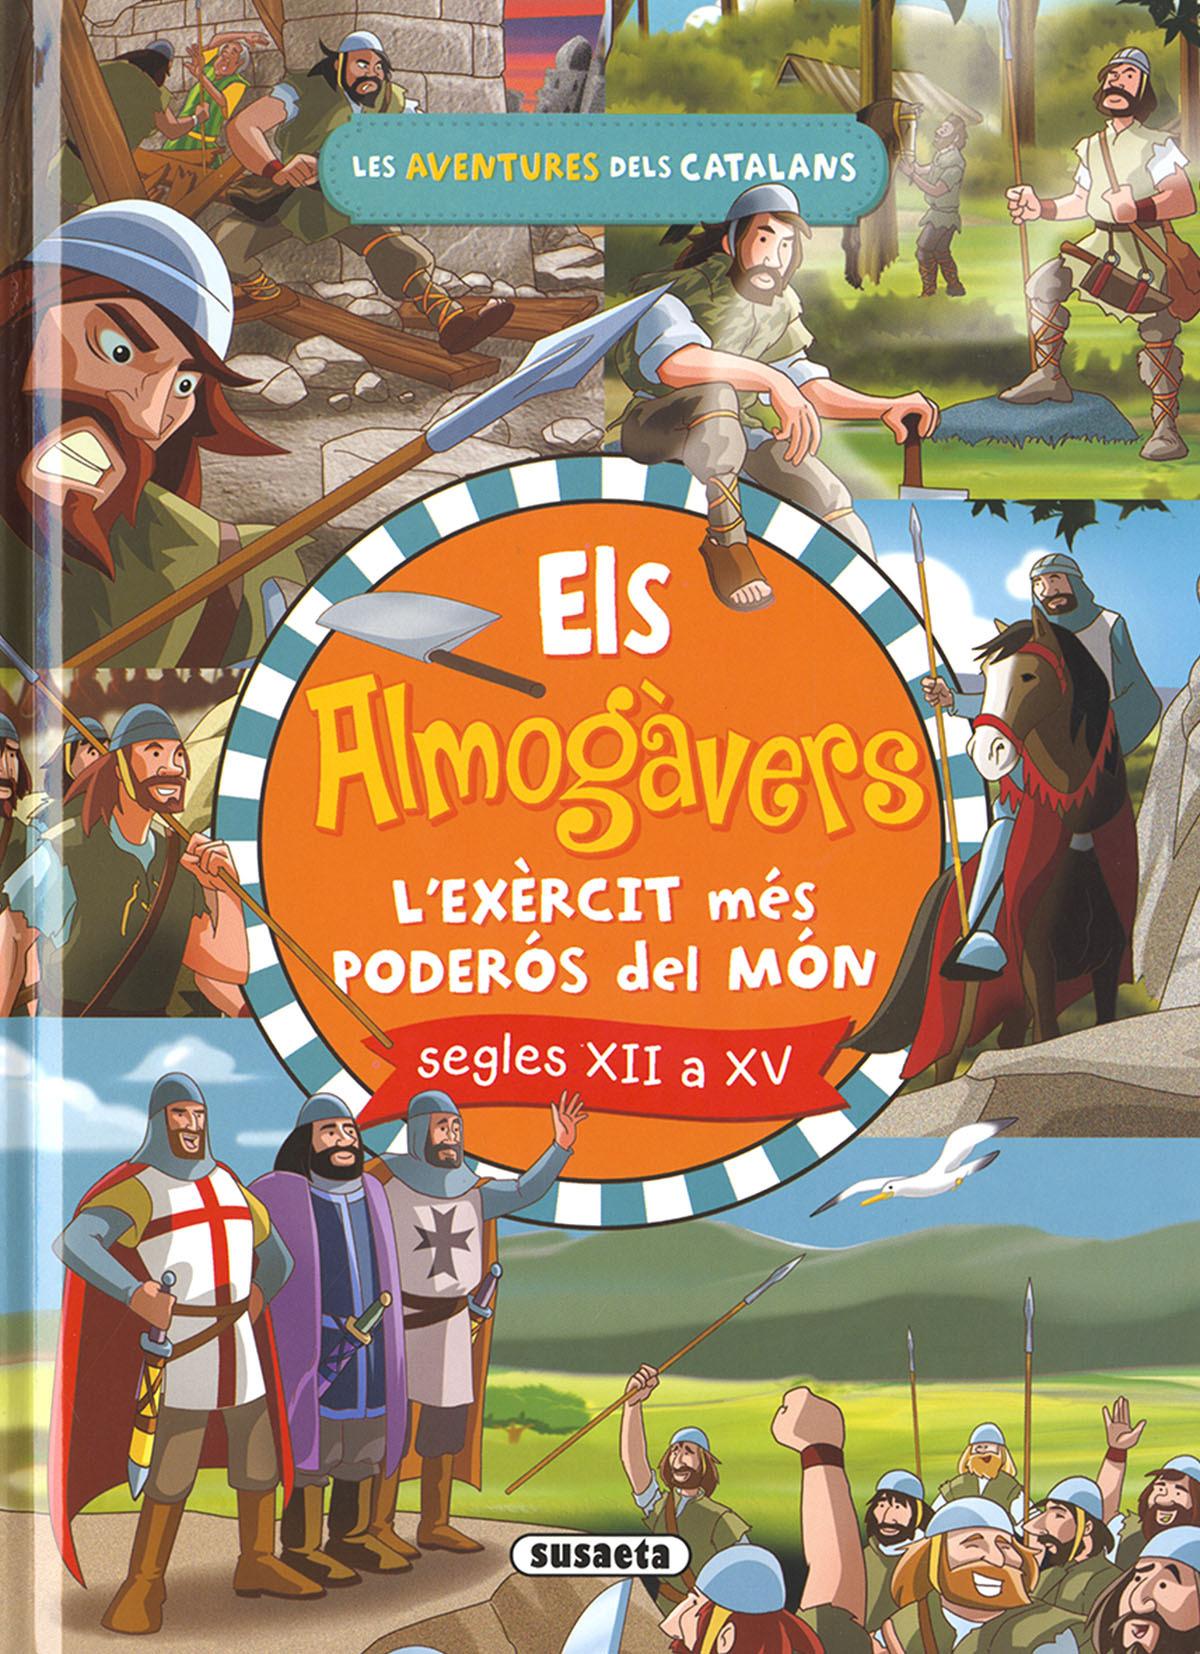 Els almogàvers. L'exèrcit català més poderós del món